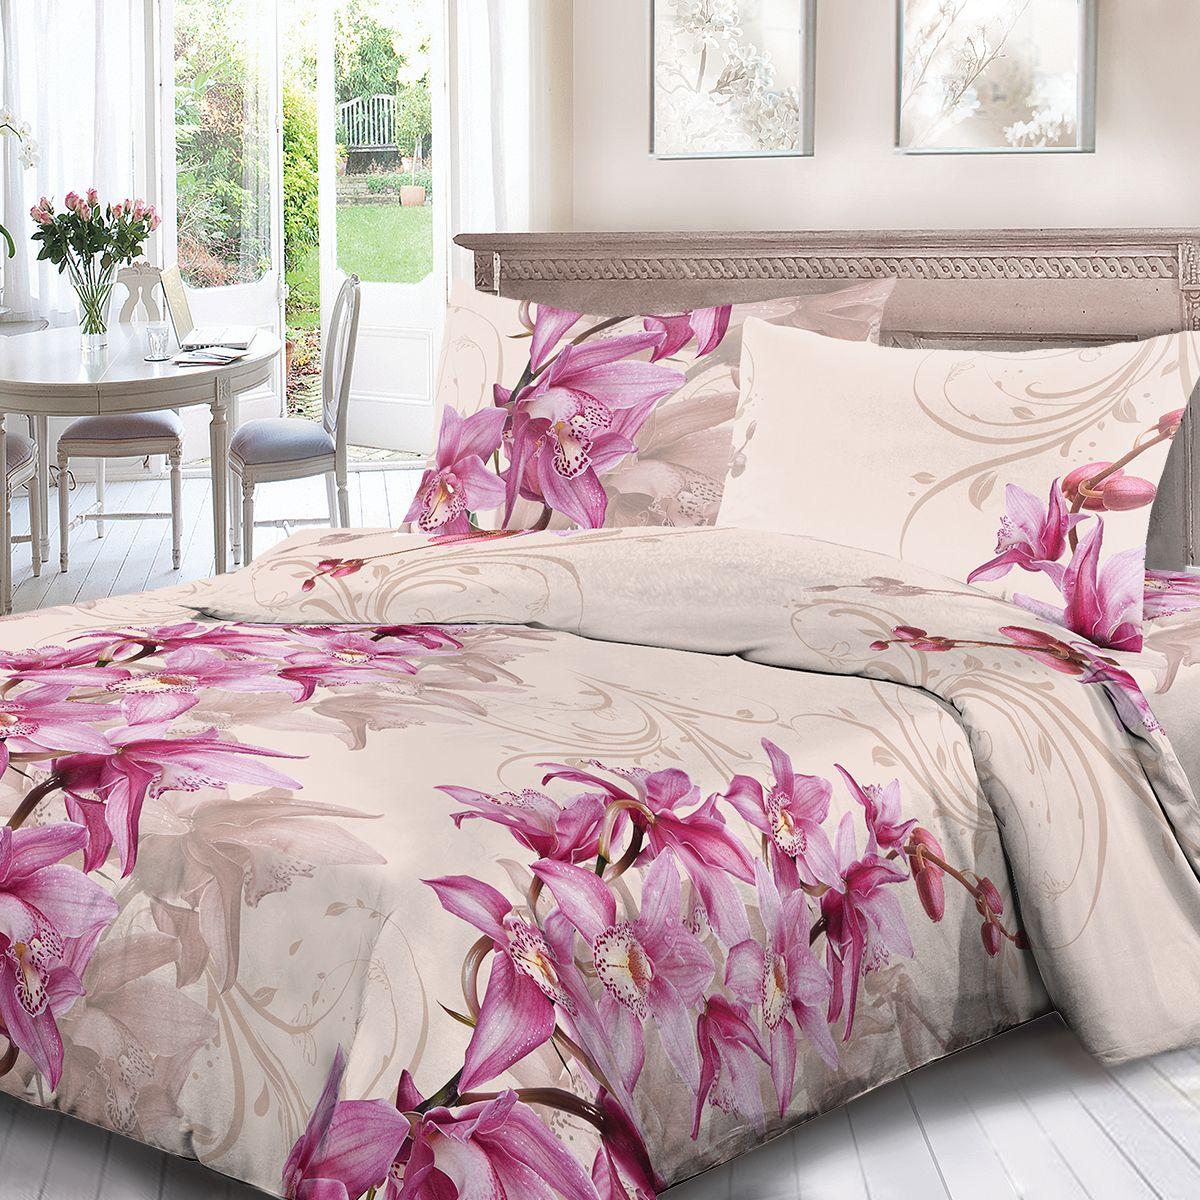 Комплект белья Для Снов Магдалина, 1,5 спальное, наволочки 70x70, цвет: кремовый. 4068-184453